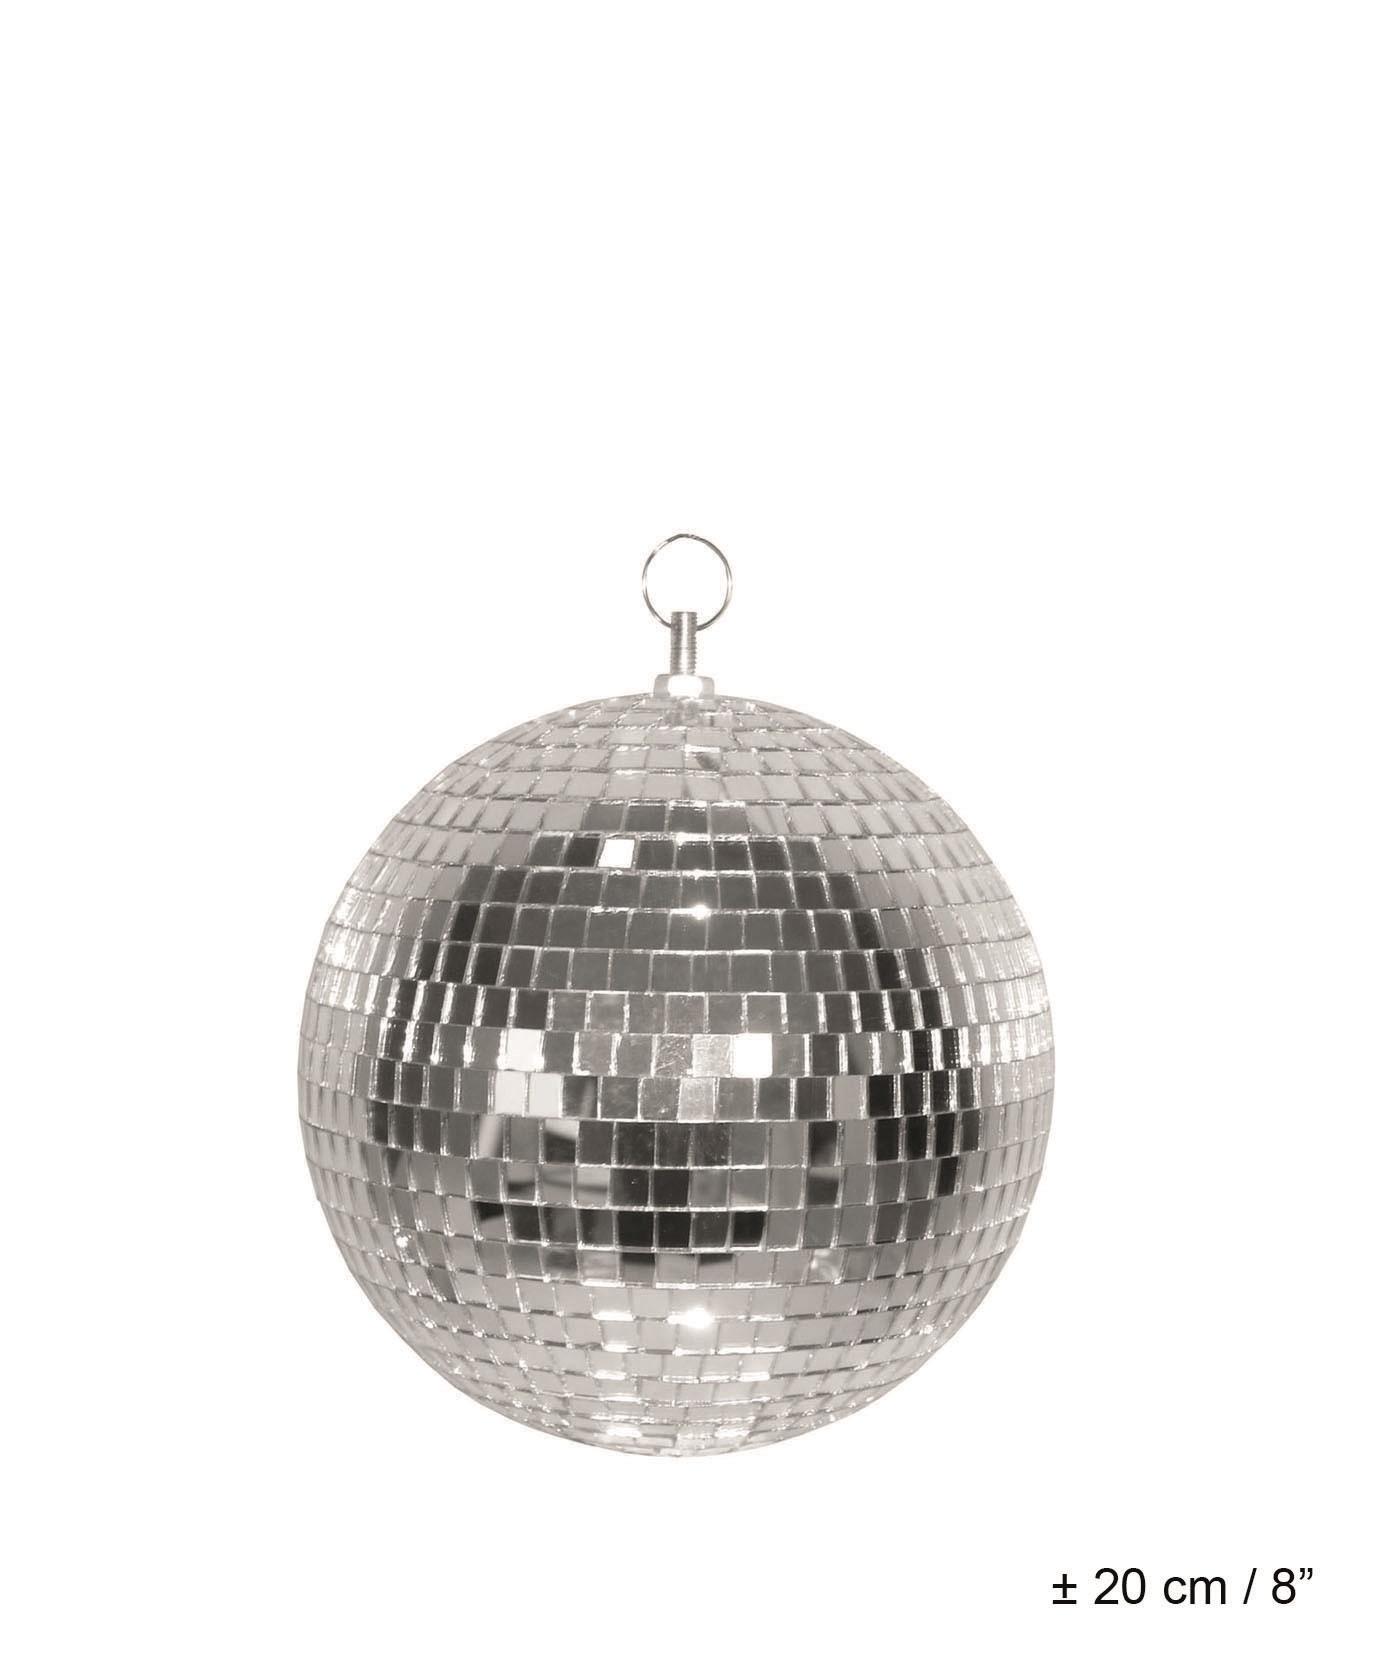 Discokugel - Silber - 20 cm